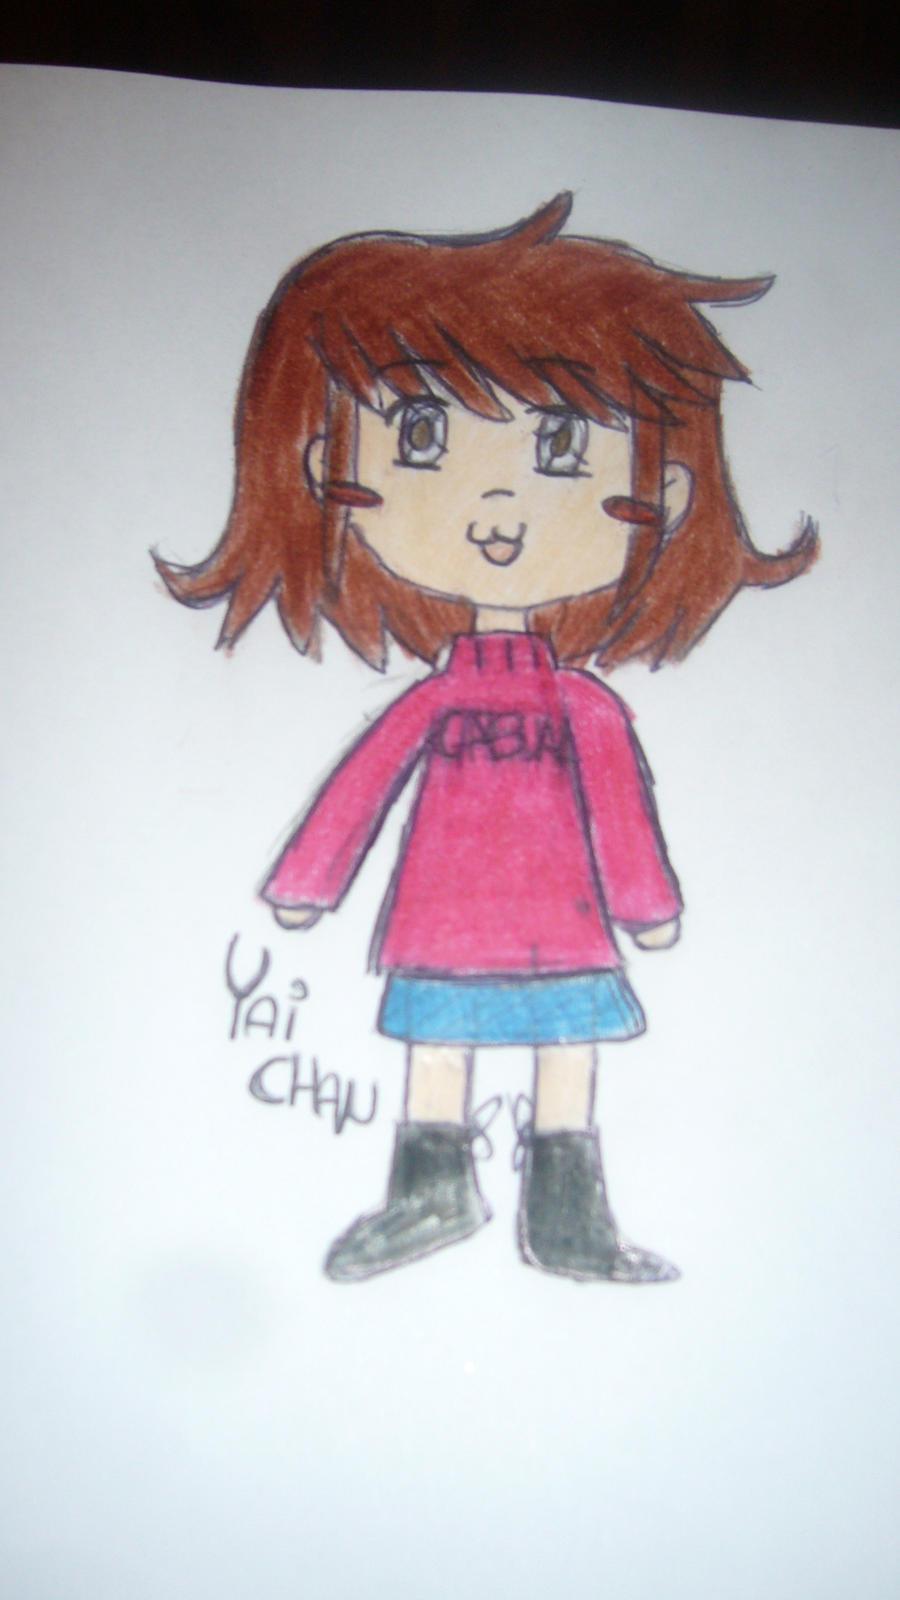 Chibi Yaii by Yaii-Chan